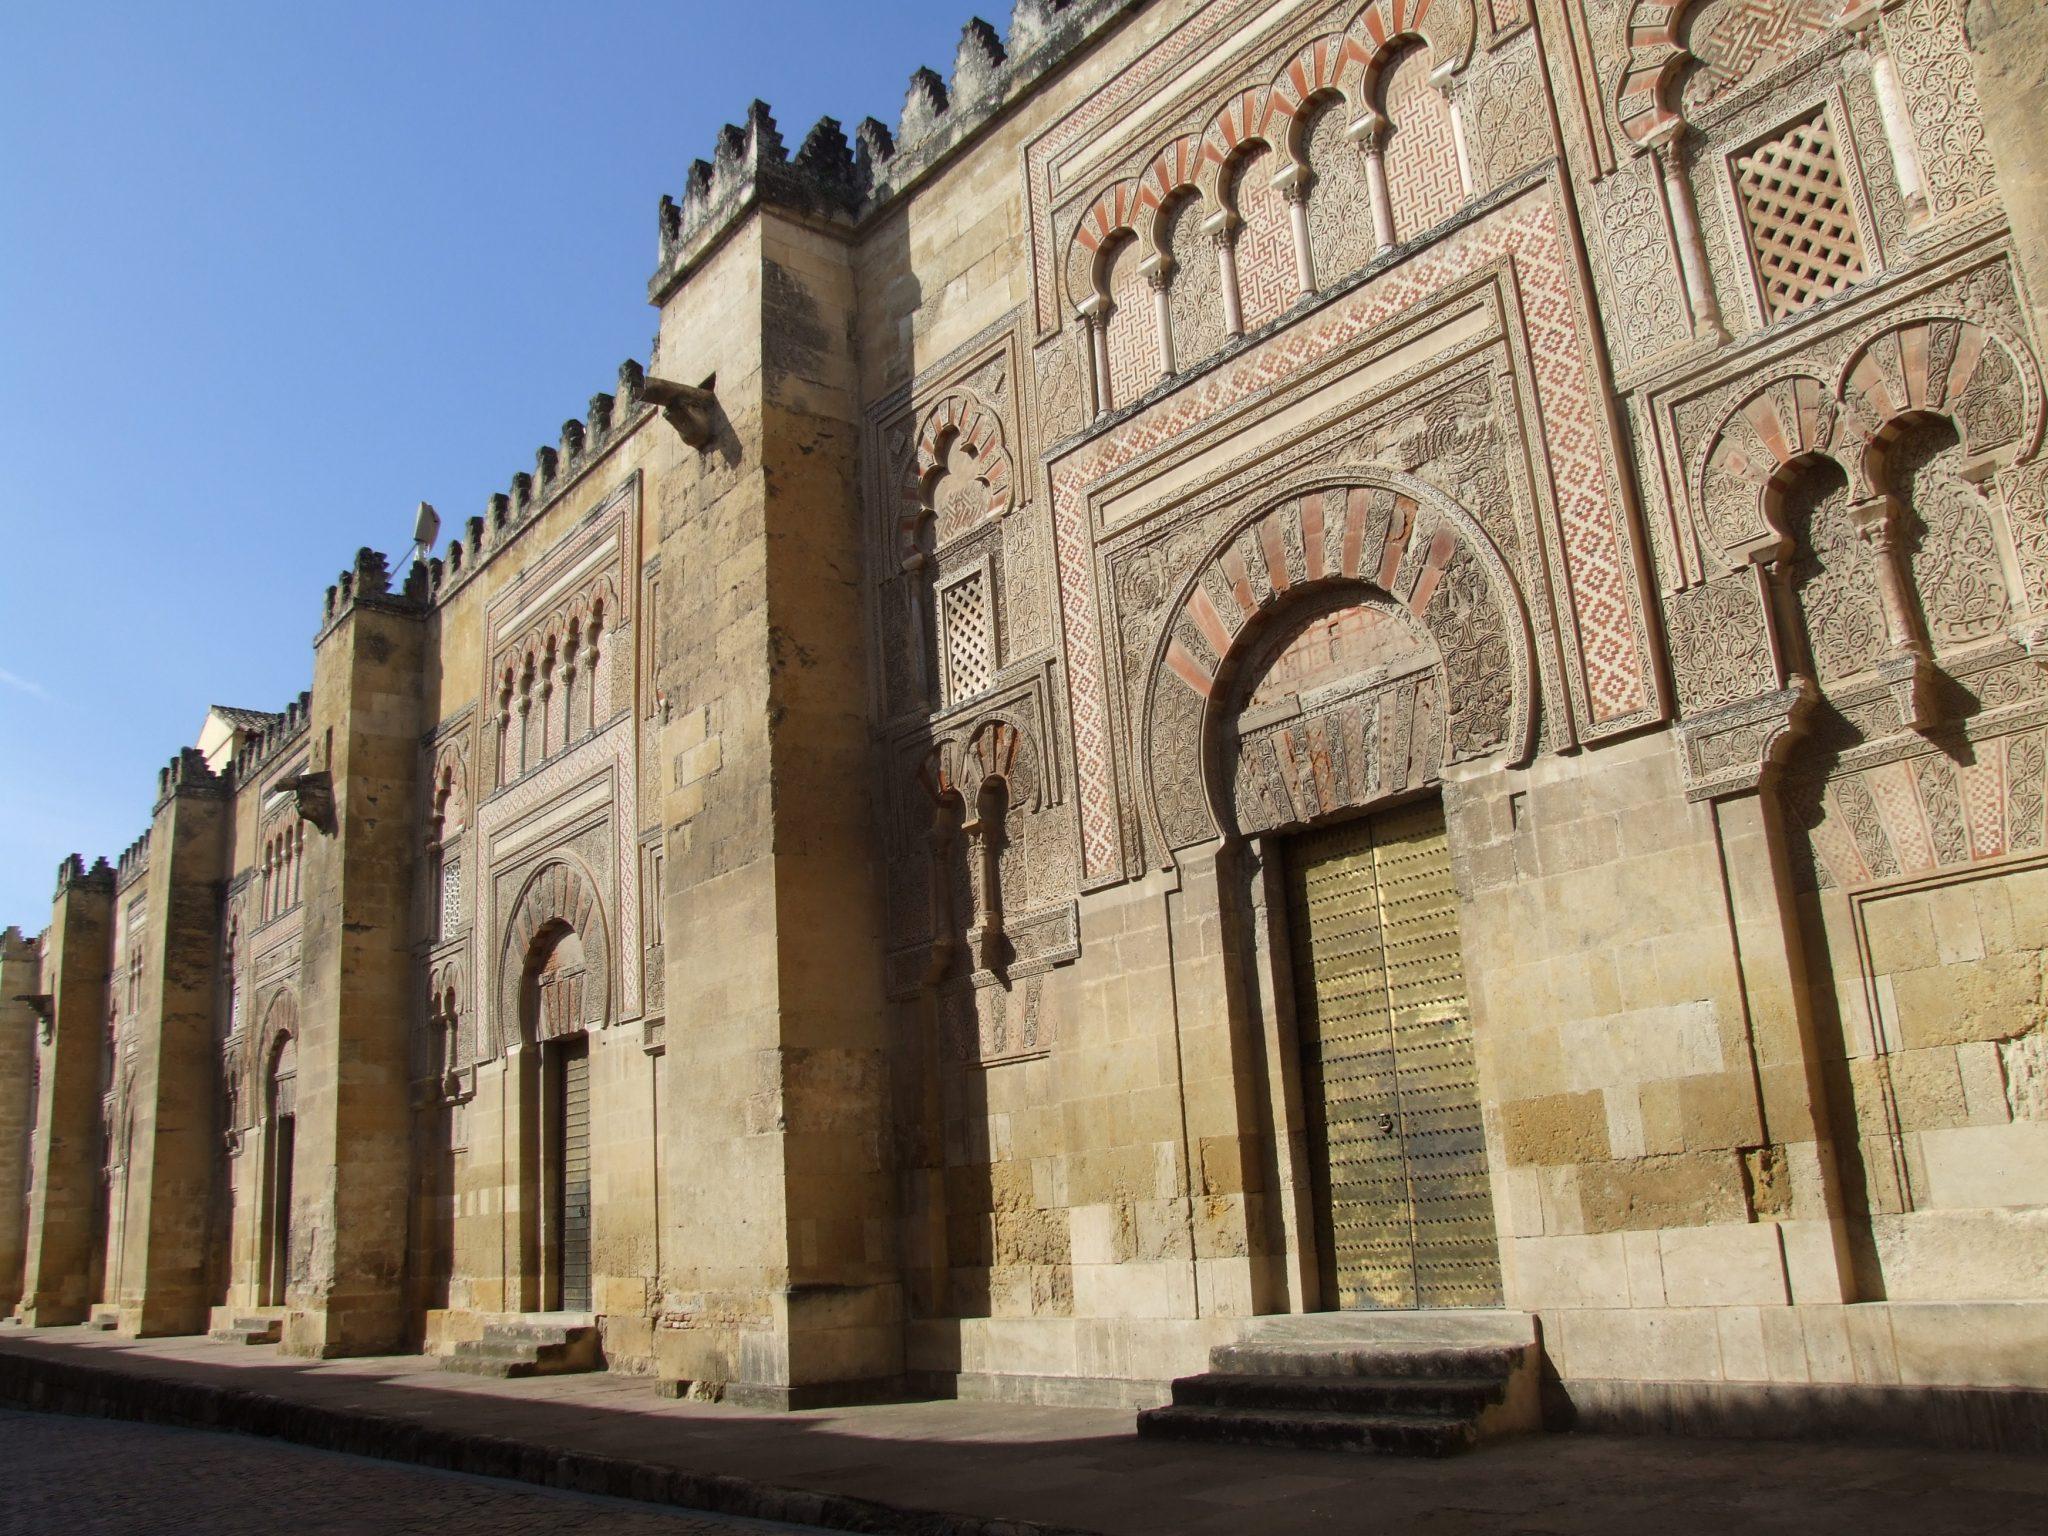 Maíllo demanda al gobierno central invalidar las inmatriculaciones de la Iglesia